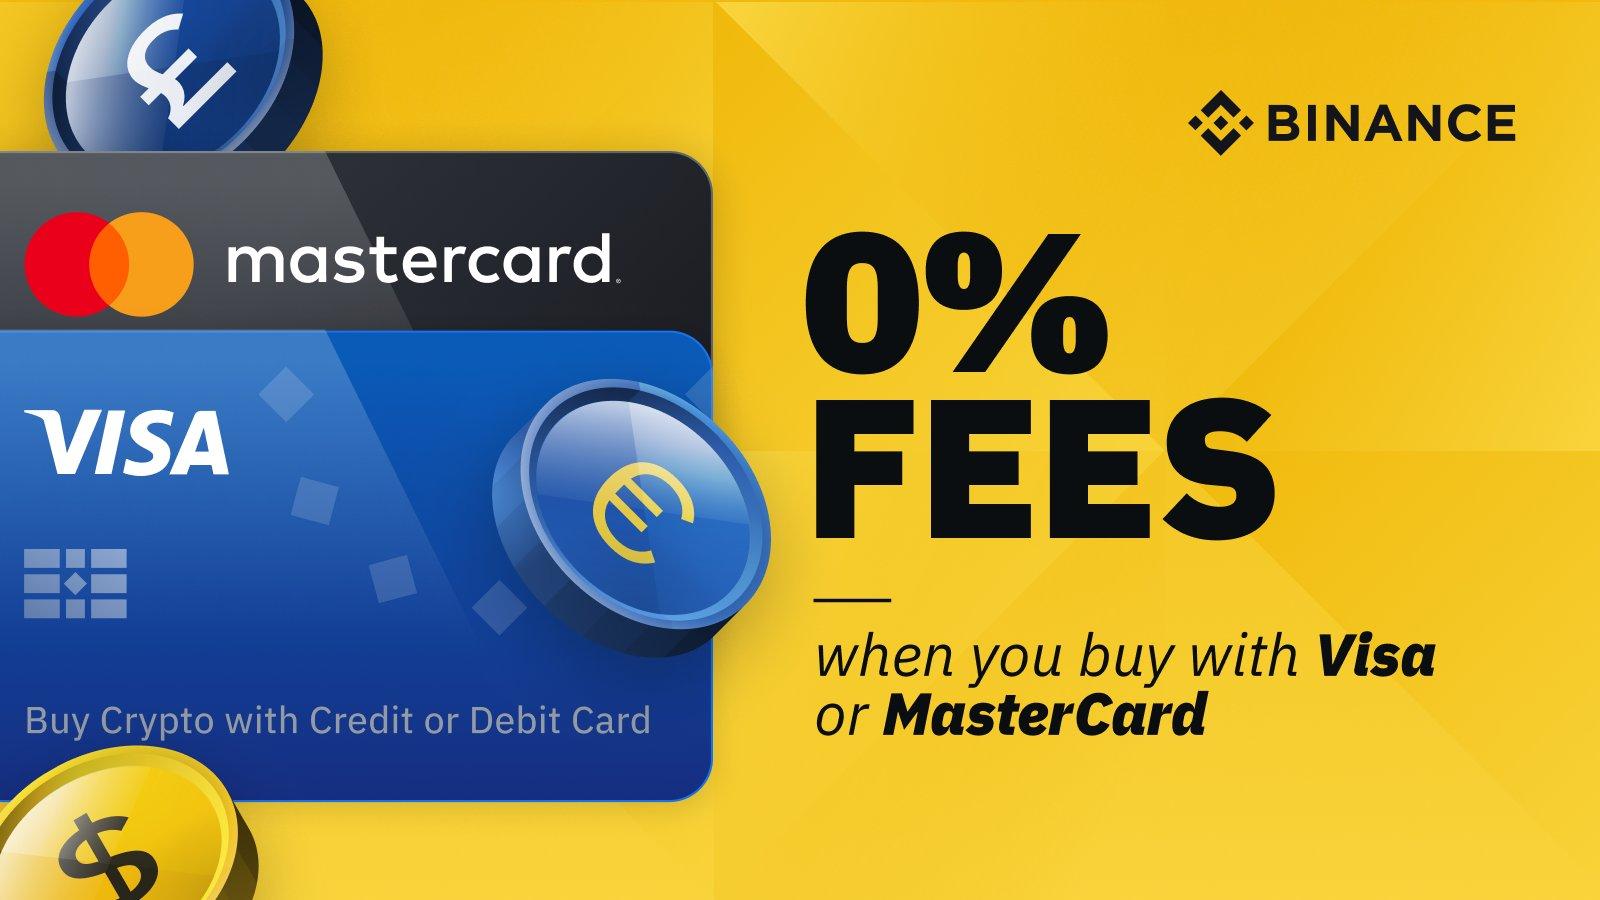 Uživatelé Binance v Evropě mohou koupit krypto s Visa a MasterCard za nulové poplatky